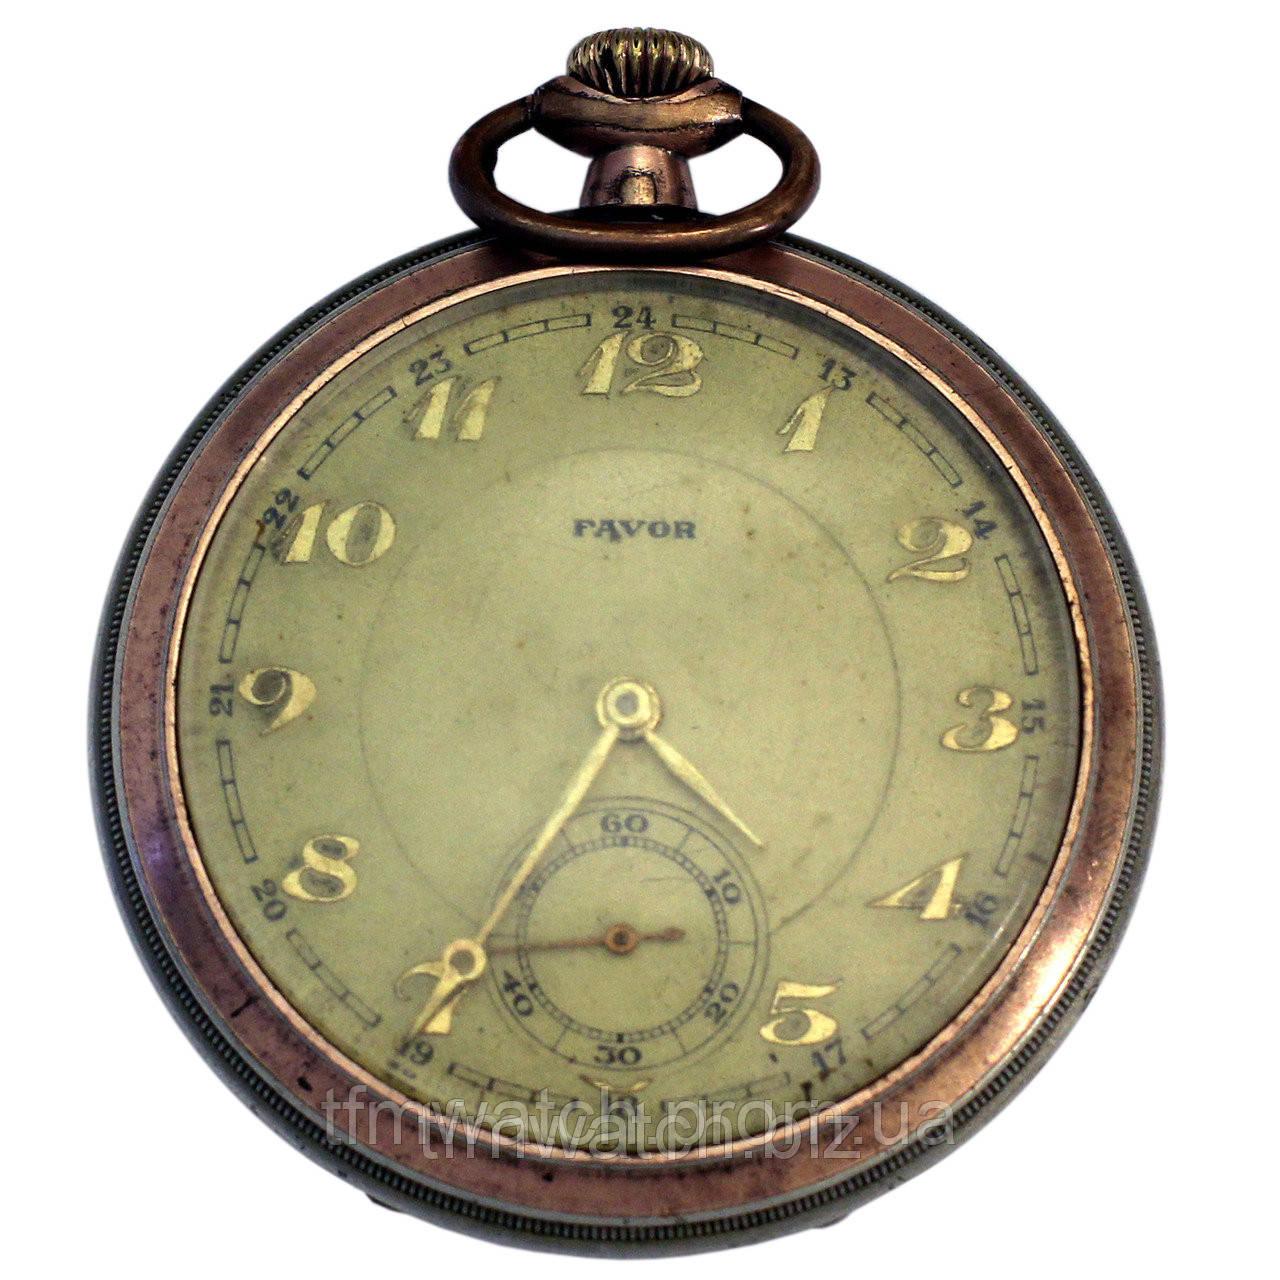 Старинные швейцарские часы продам карманные коломенская работы ломбард часы столичный